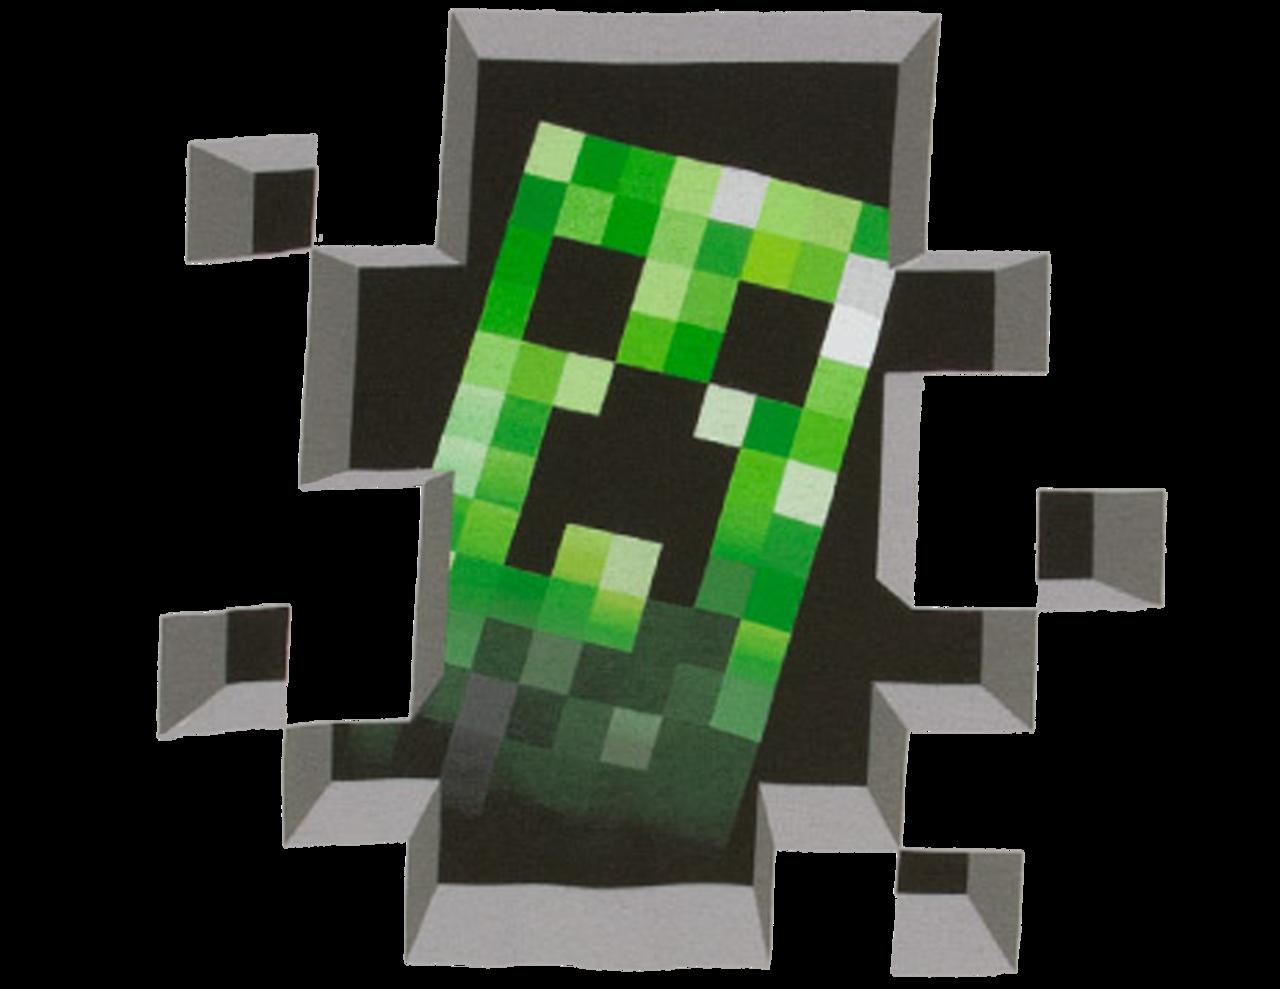 5eab6b7e7c294-minecraft-hd-png-creeper-transparent-png-1280.png